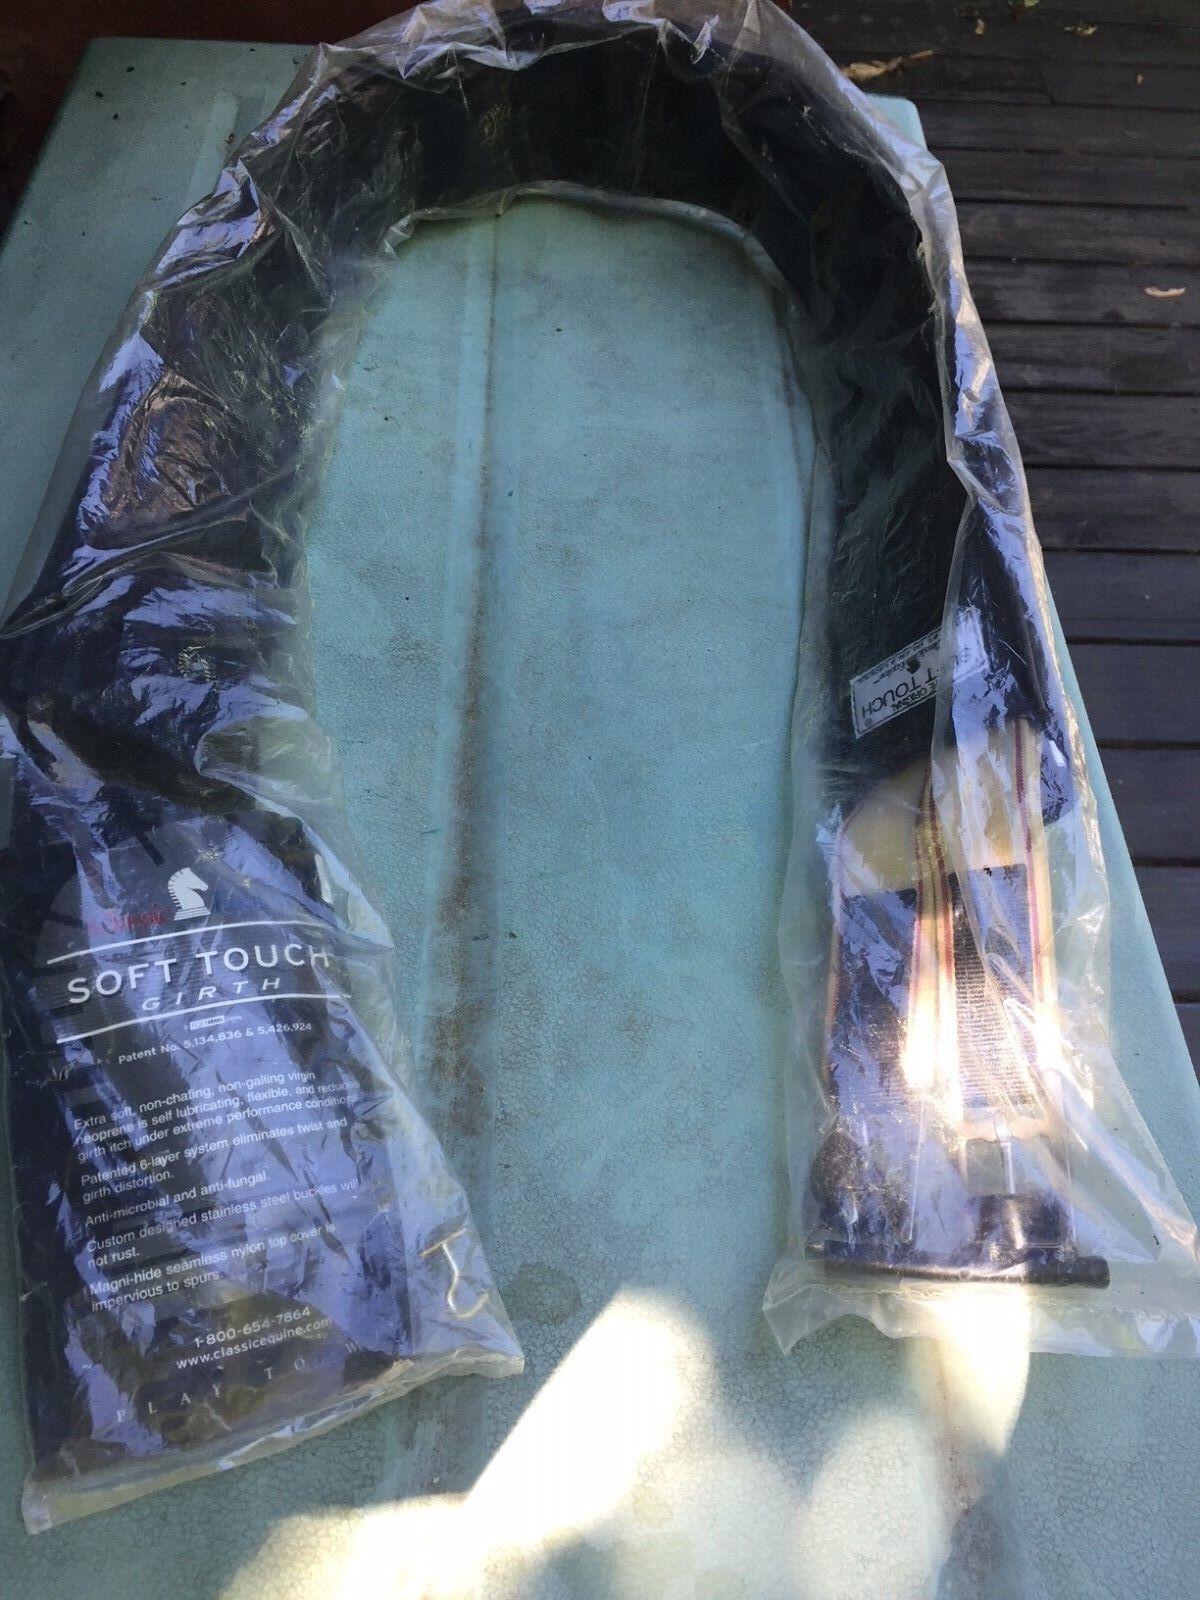 Classic  Equine Tacto Suave inglés circunferencia negro lacio 56 Nuevo con etiquetas y embalaje  precios mas baratos